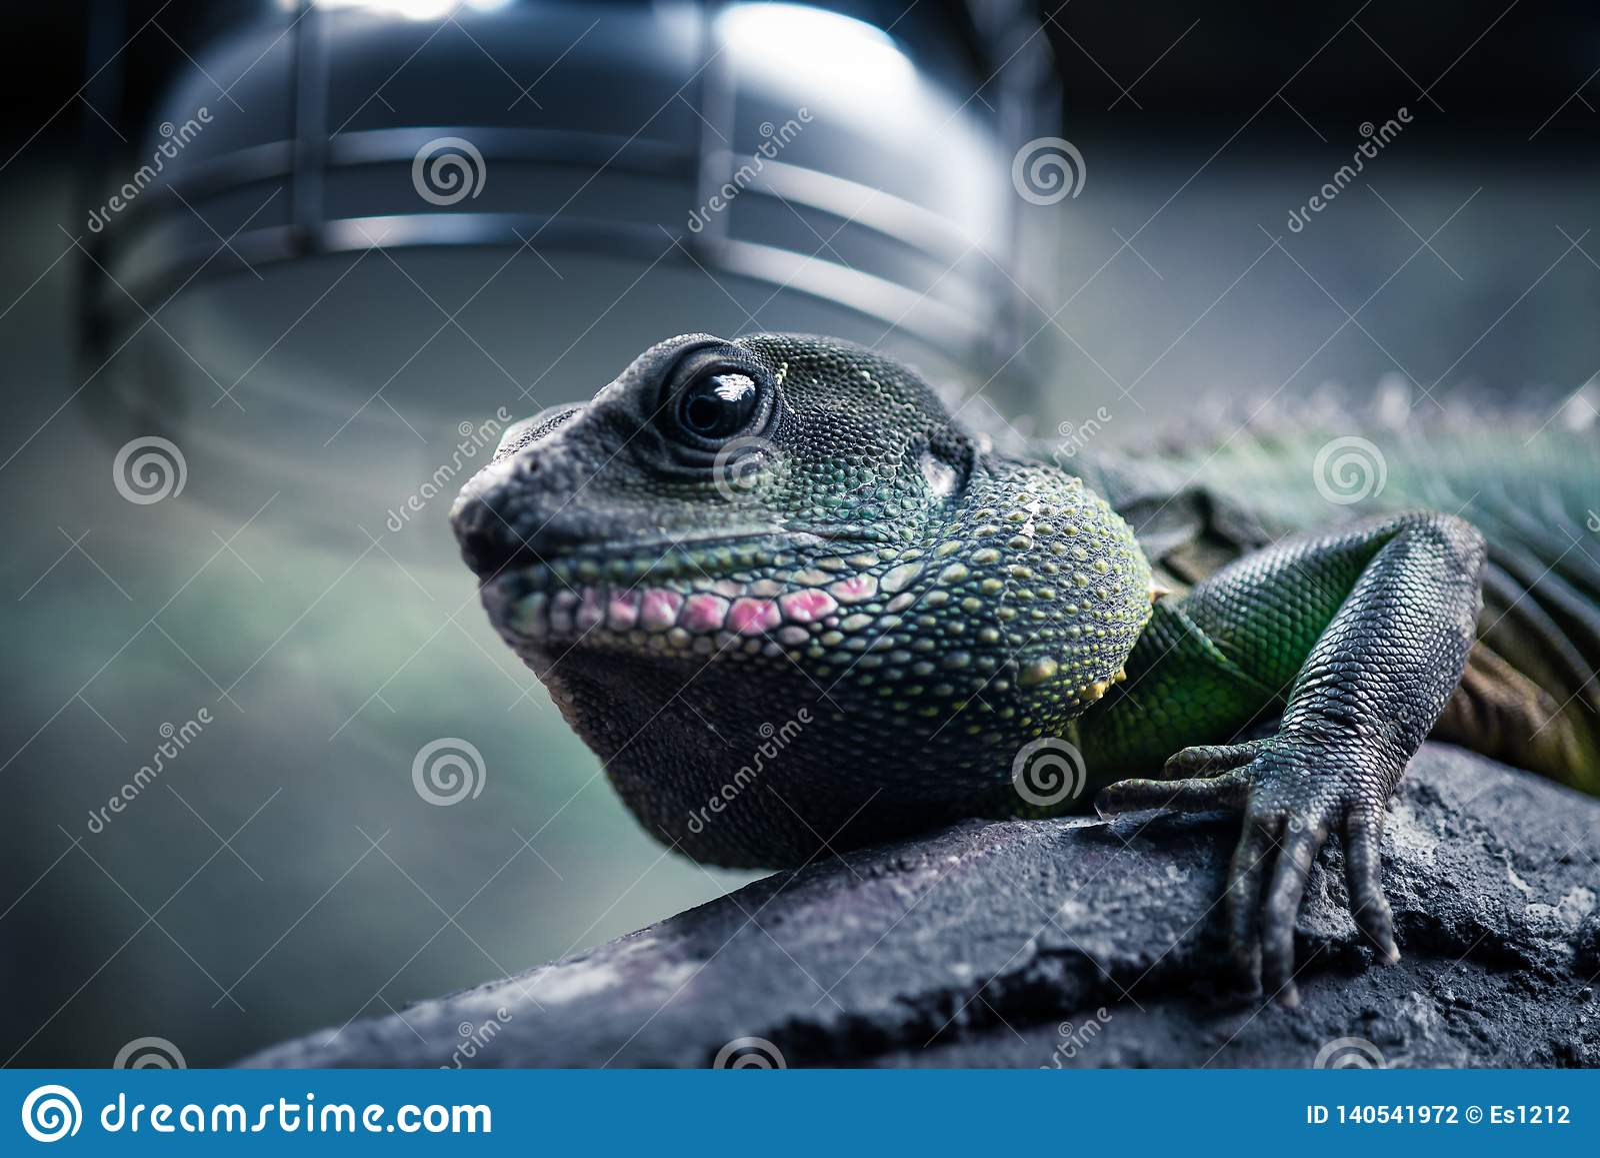 美丽的蜥蜴在它的自然环境